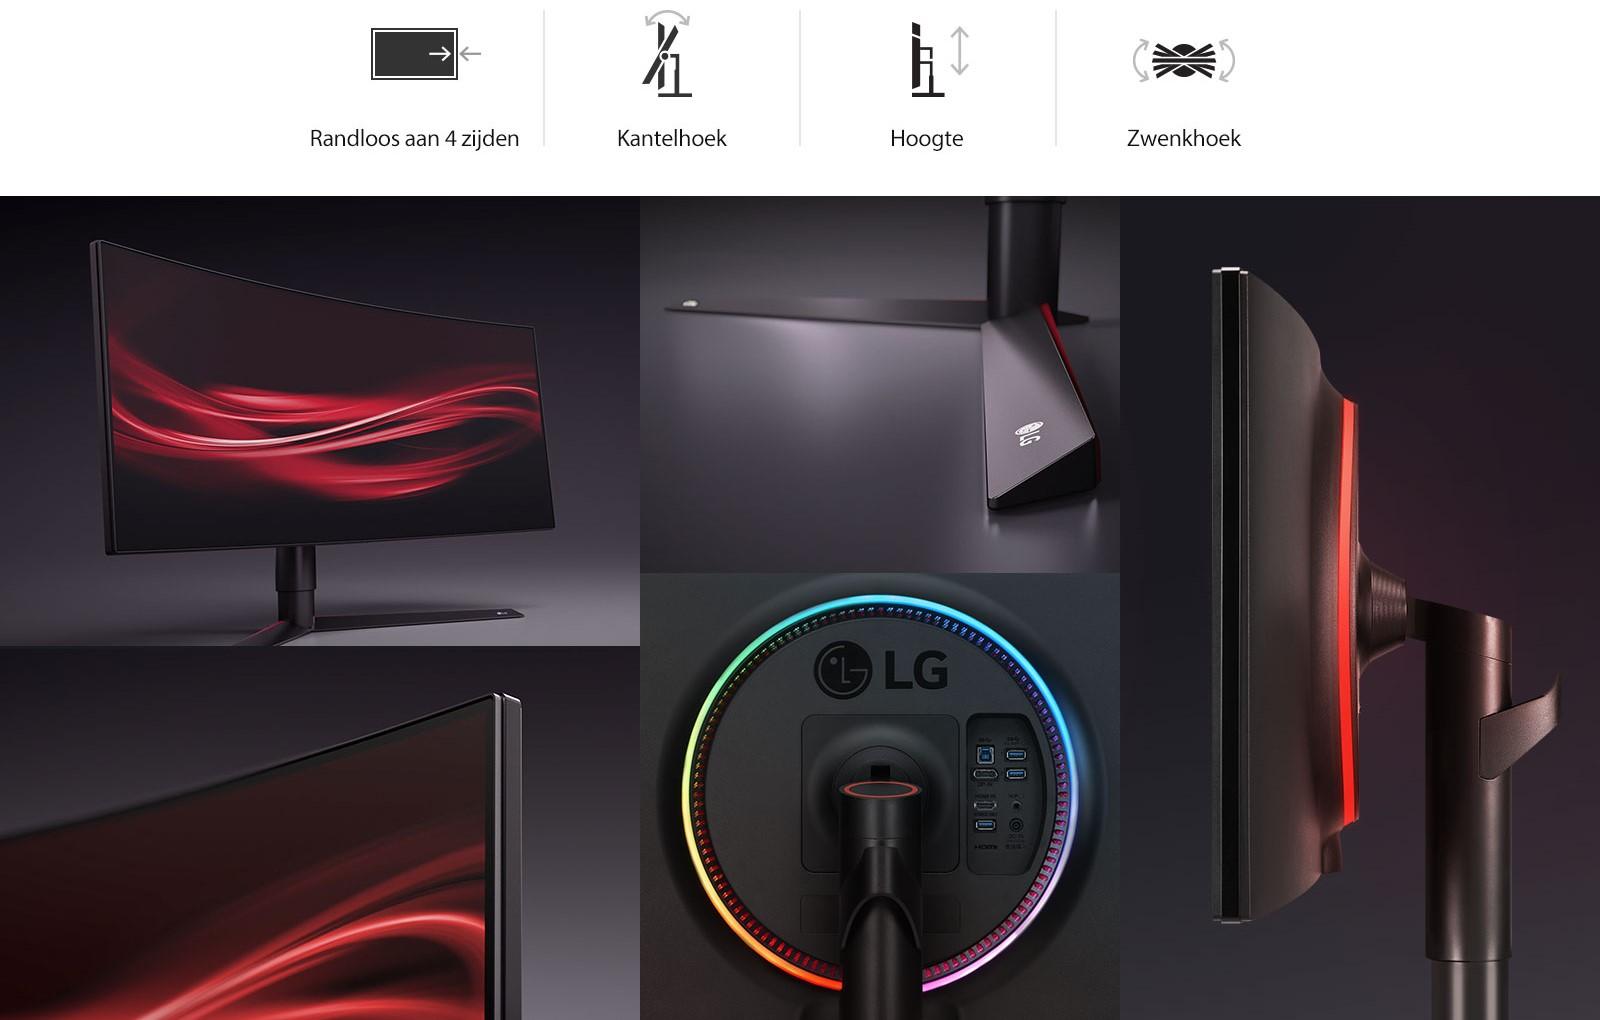 LG Ergonomisch Design